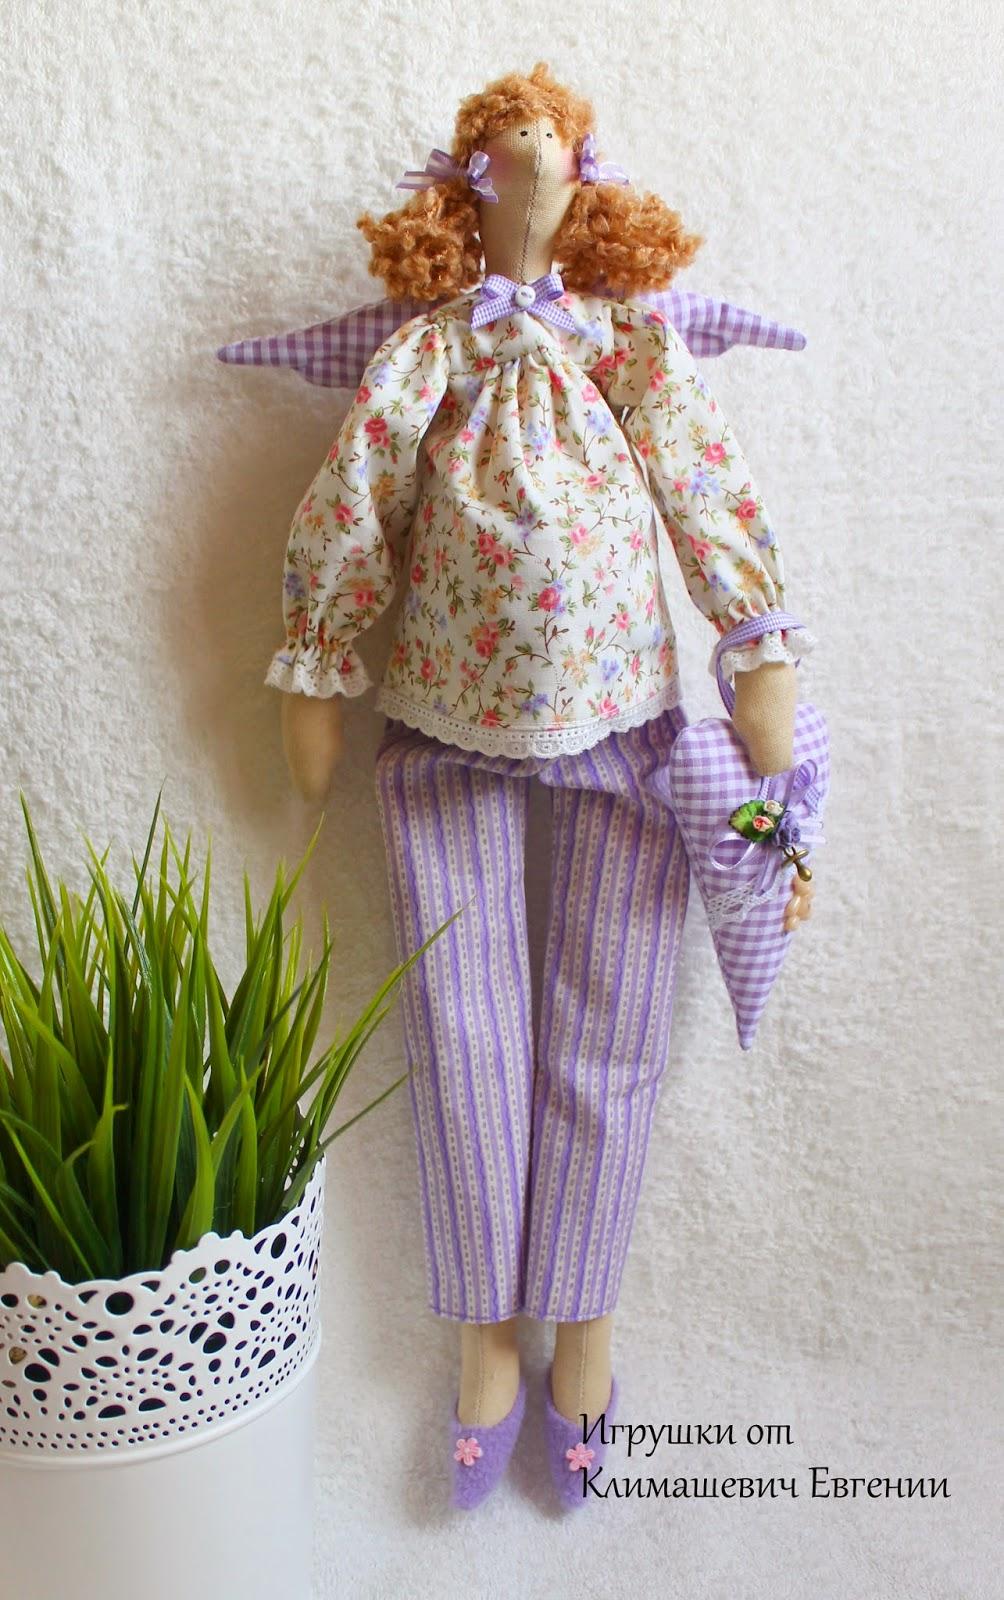 Тильда, беременная, беременность, подарок беременной, будущая мама, интересное положение, беременная кукла, тильда беременная, кукла тильда, тильда ангел, беременный ангел, текстильная кукла, текстильная игрушка, авторская игрушка, подарок